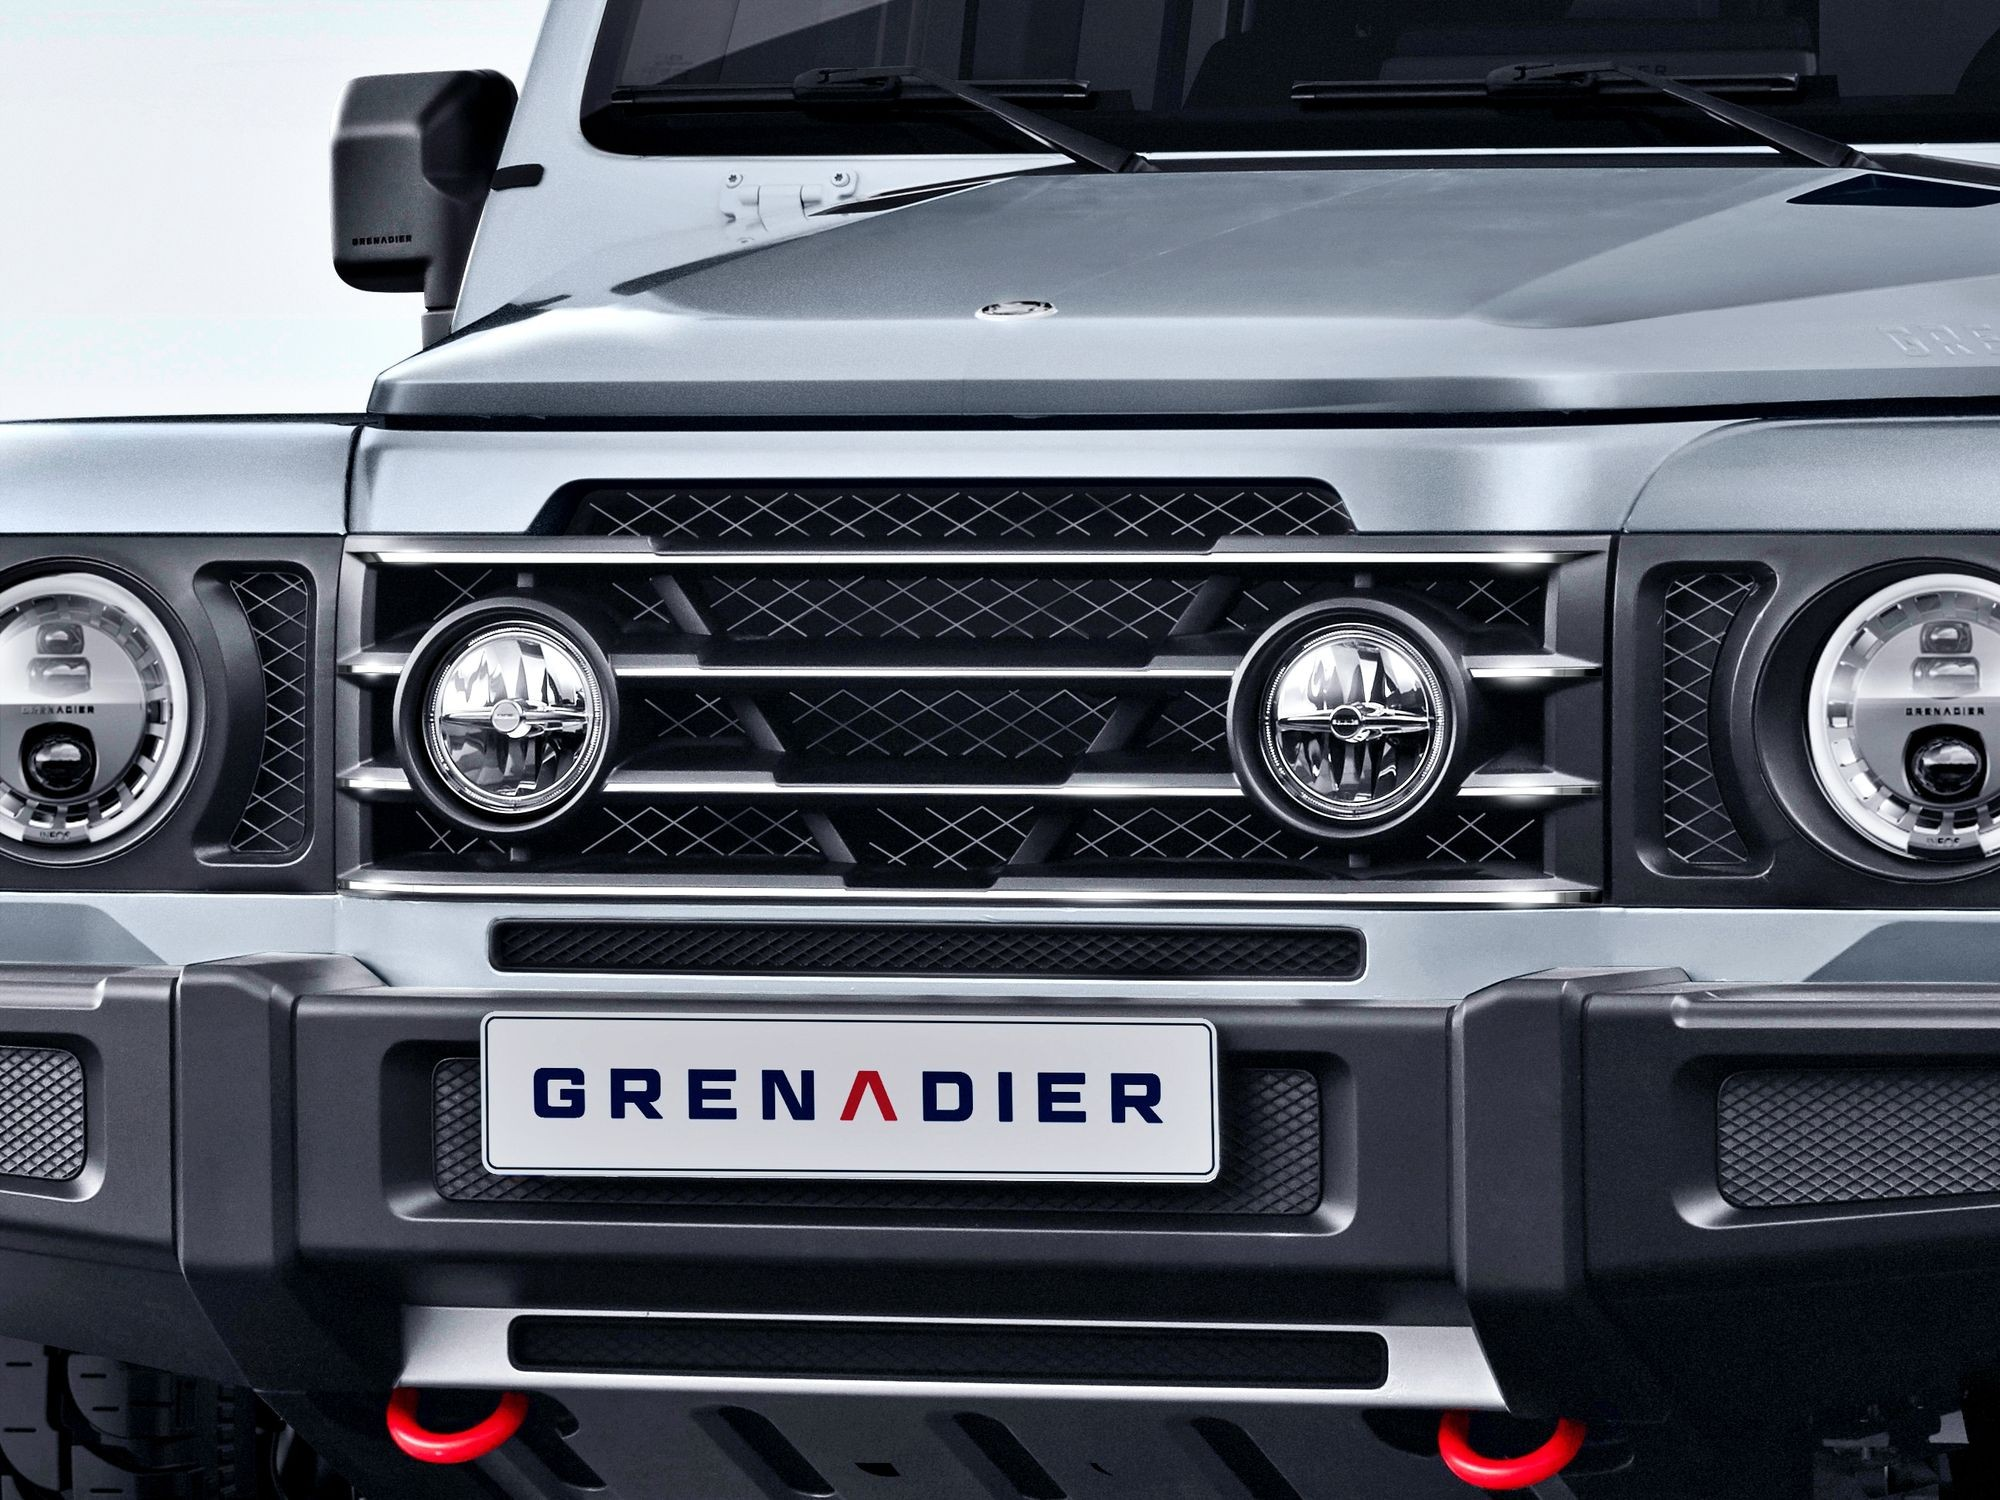 Ineos покупает завод smart, внедорожник Grenadier переезжает во Францию